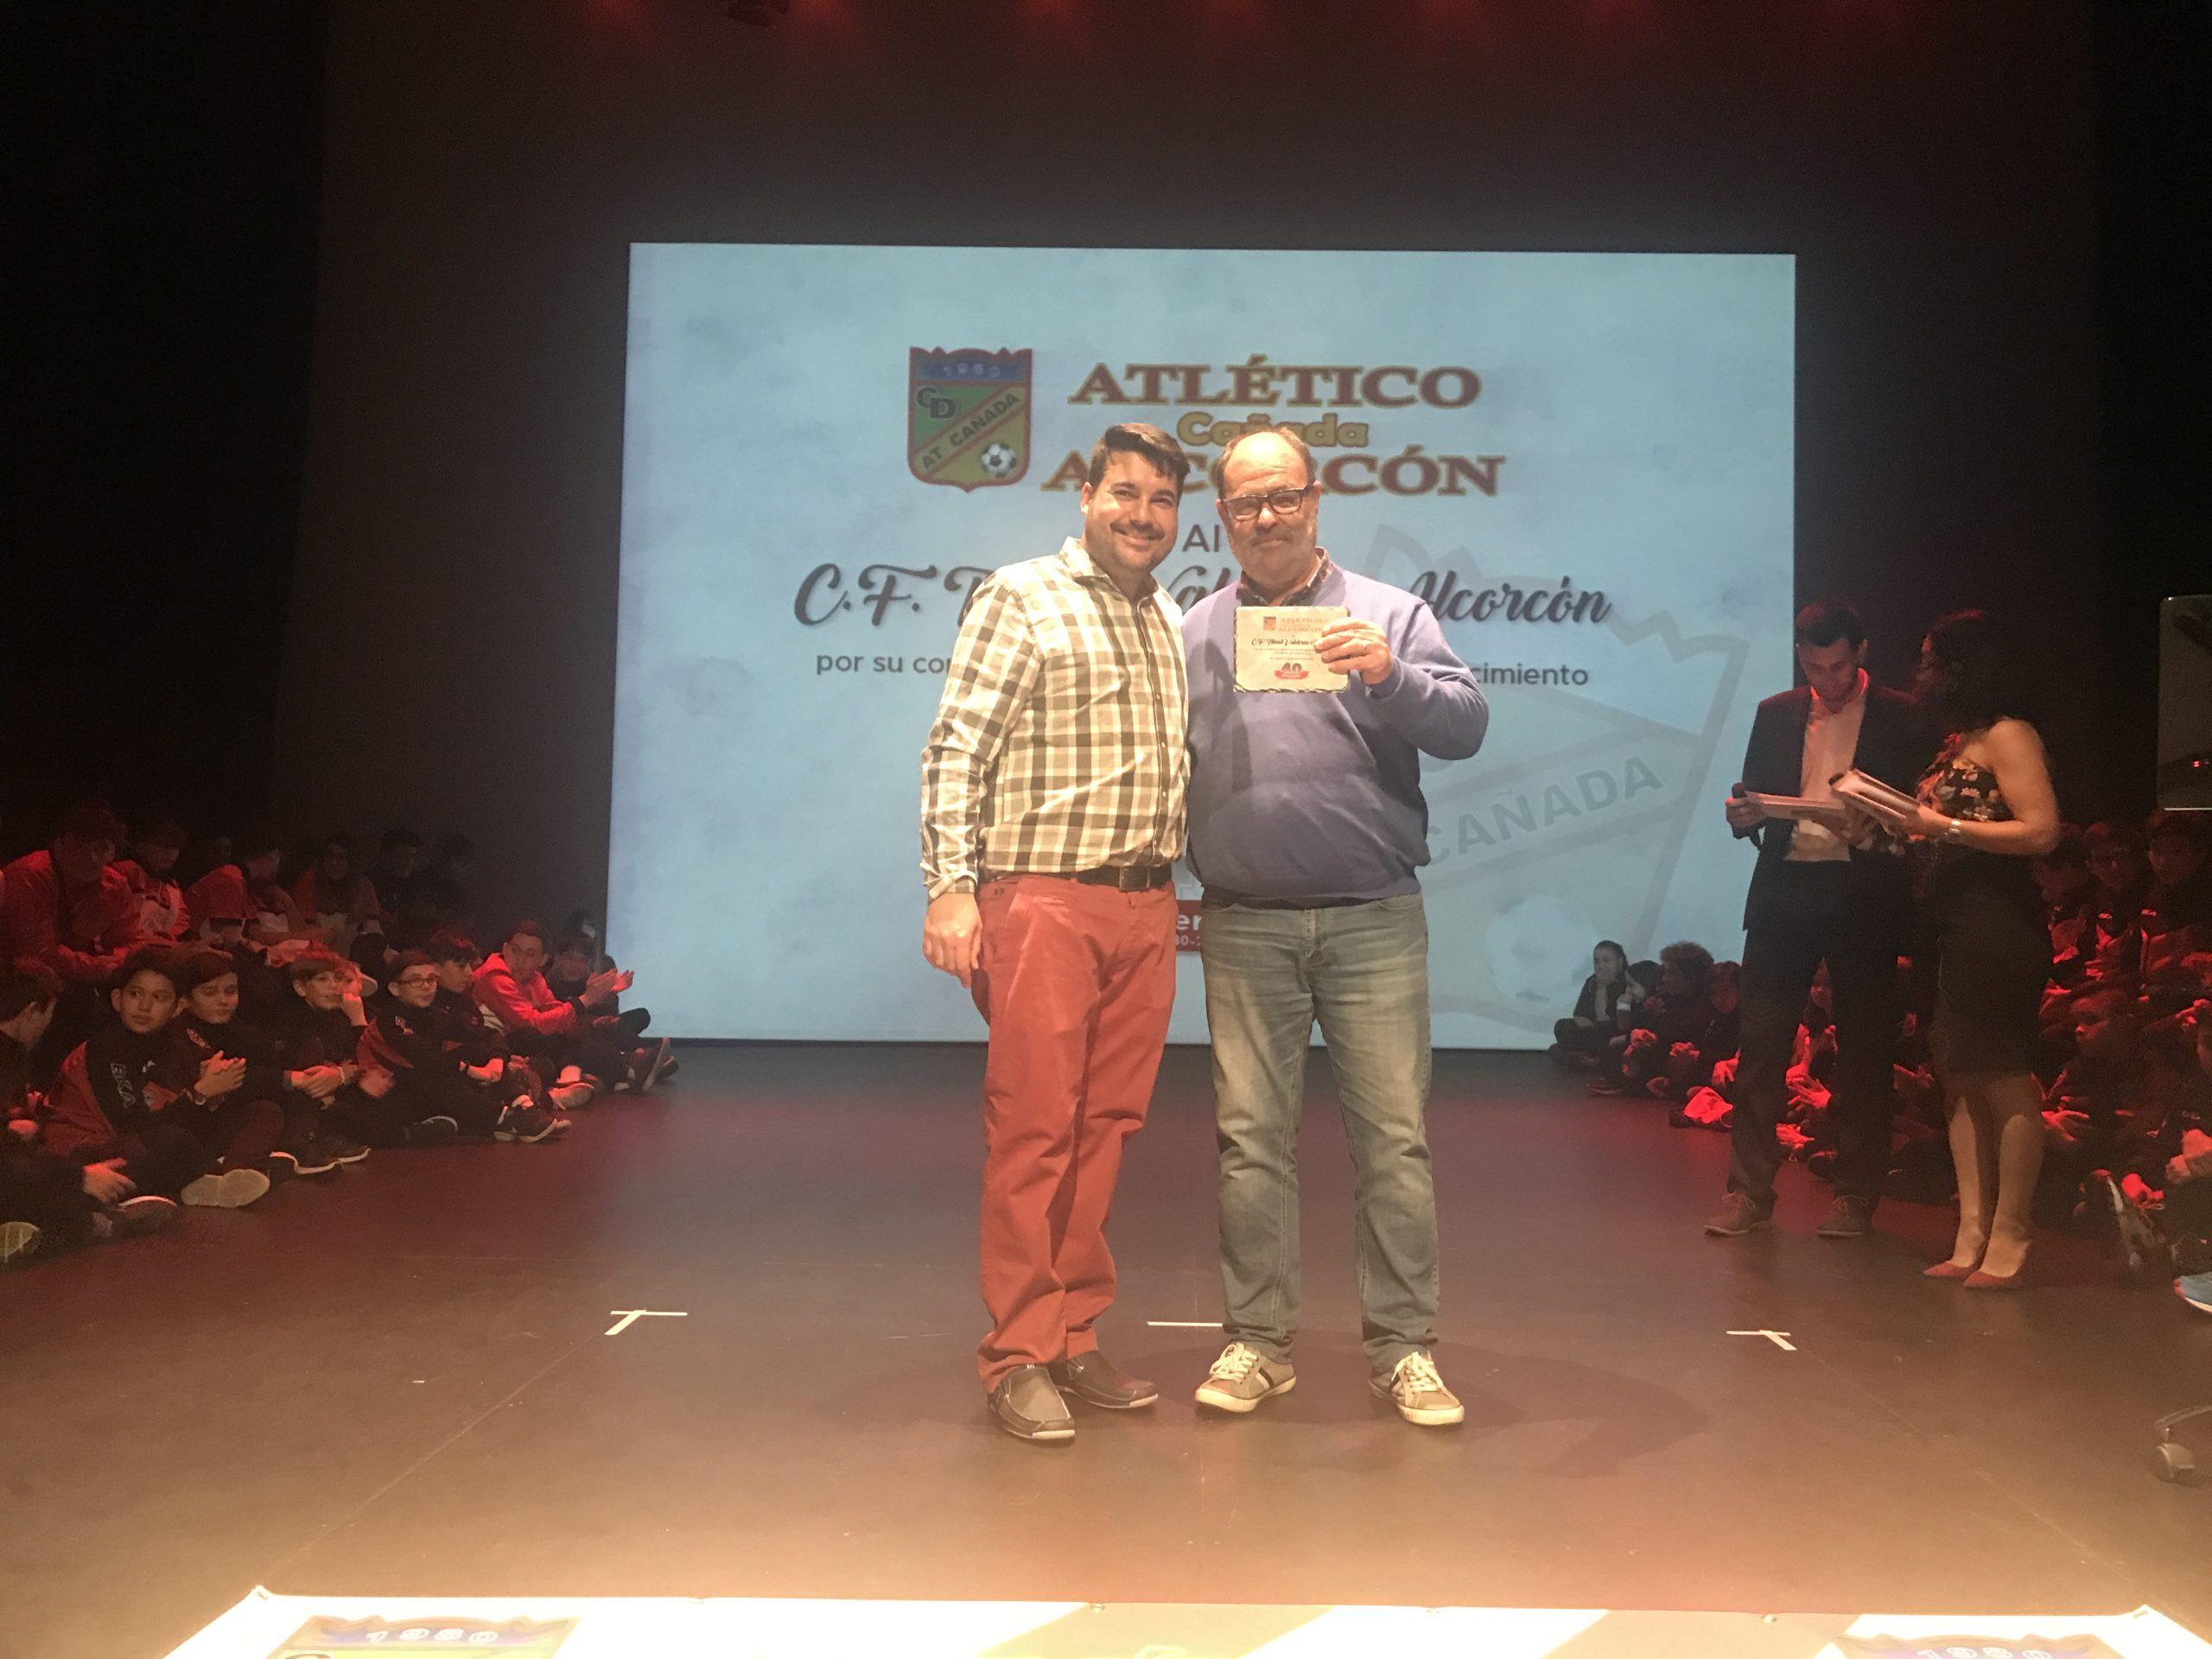 El TrivalValderas, galardonado en la Gala 40 Aniversario del Atlético Cañada Alcorcón